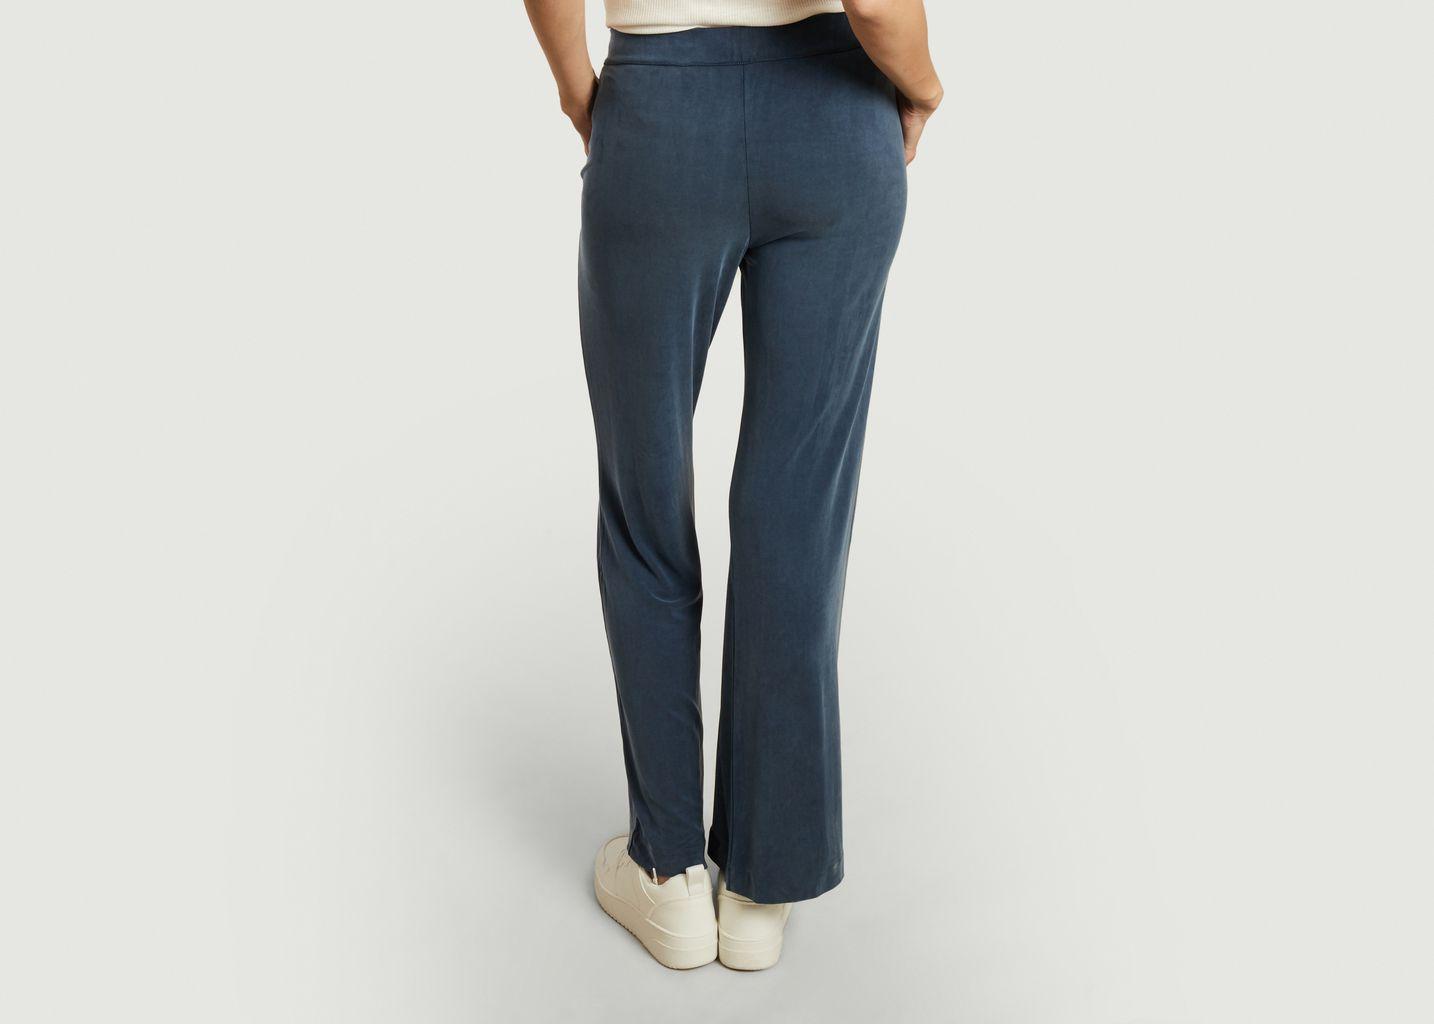 Pantalon ample en cupro stretch - Majestic Filatures